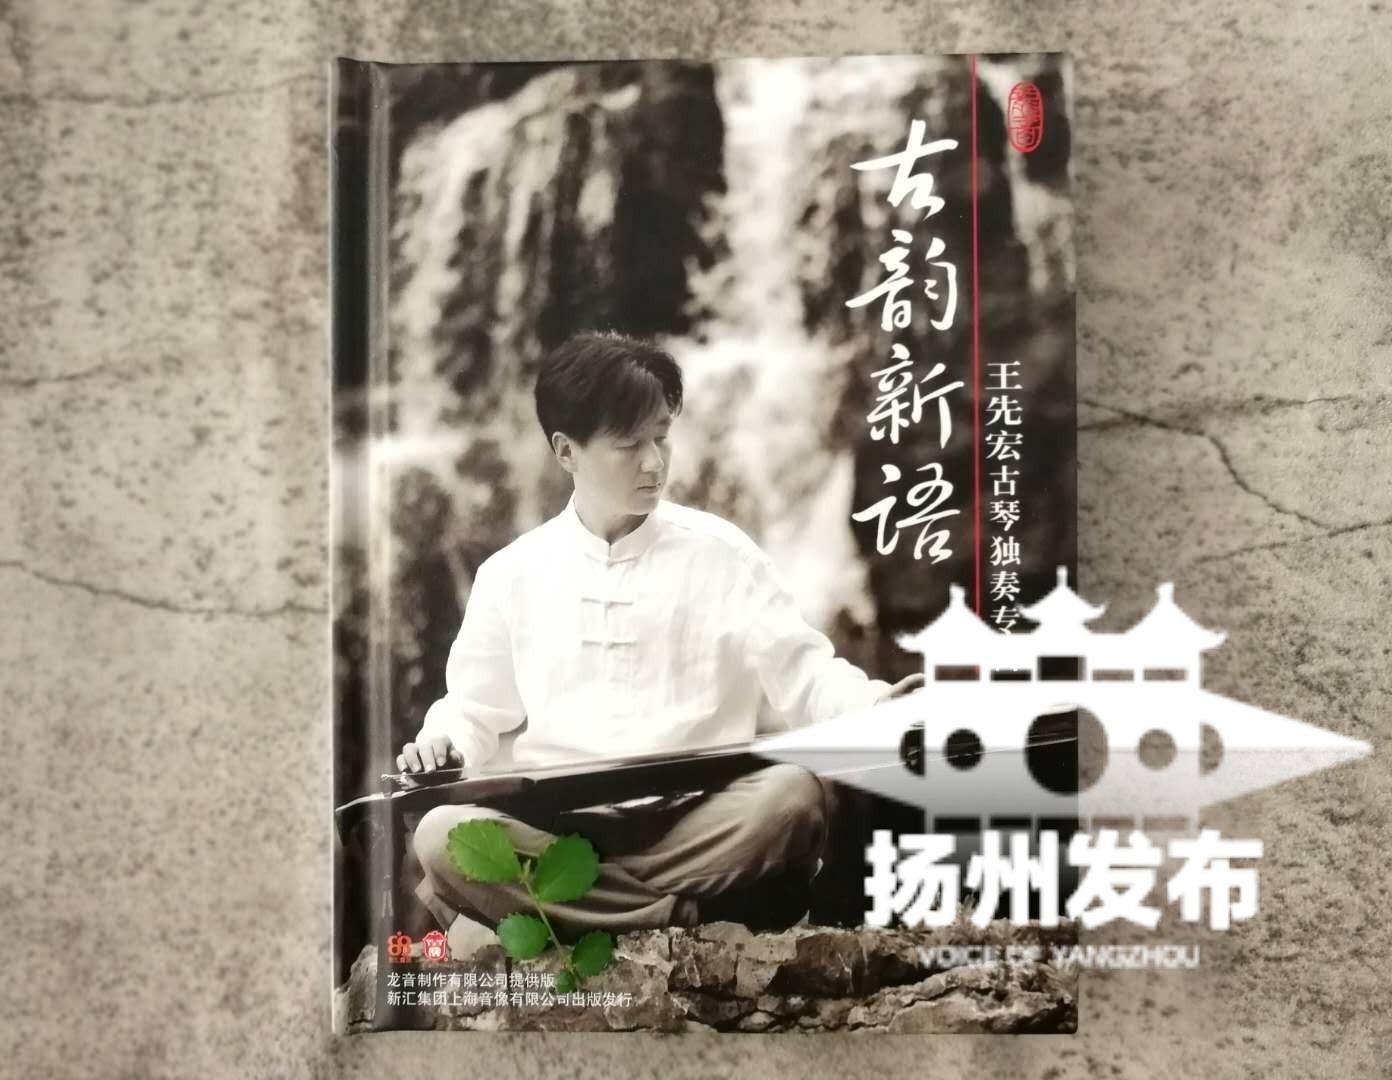 扬州琴人王先宏,新推古琴专辑《古韵新语》,不仅收录了十首古曲,还有图片